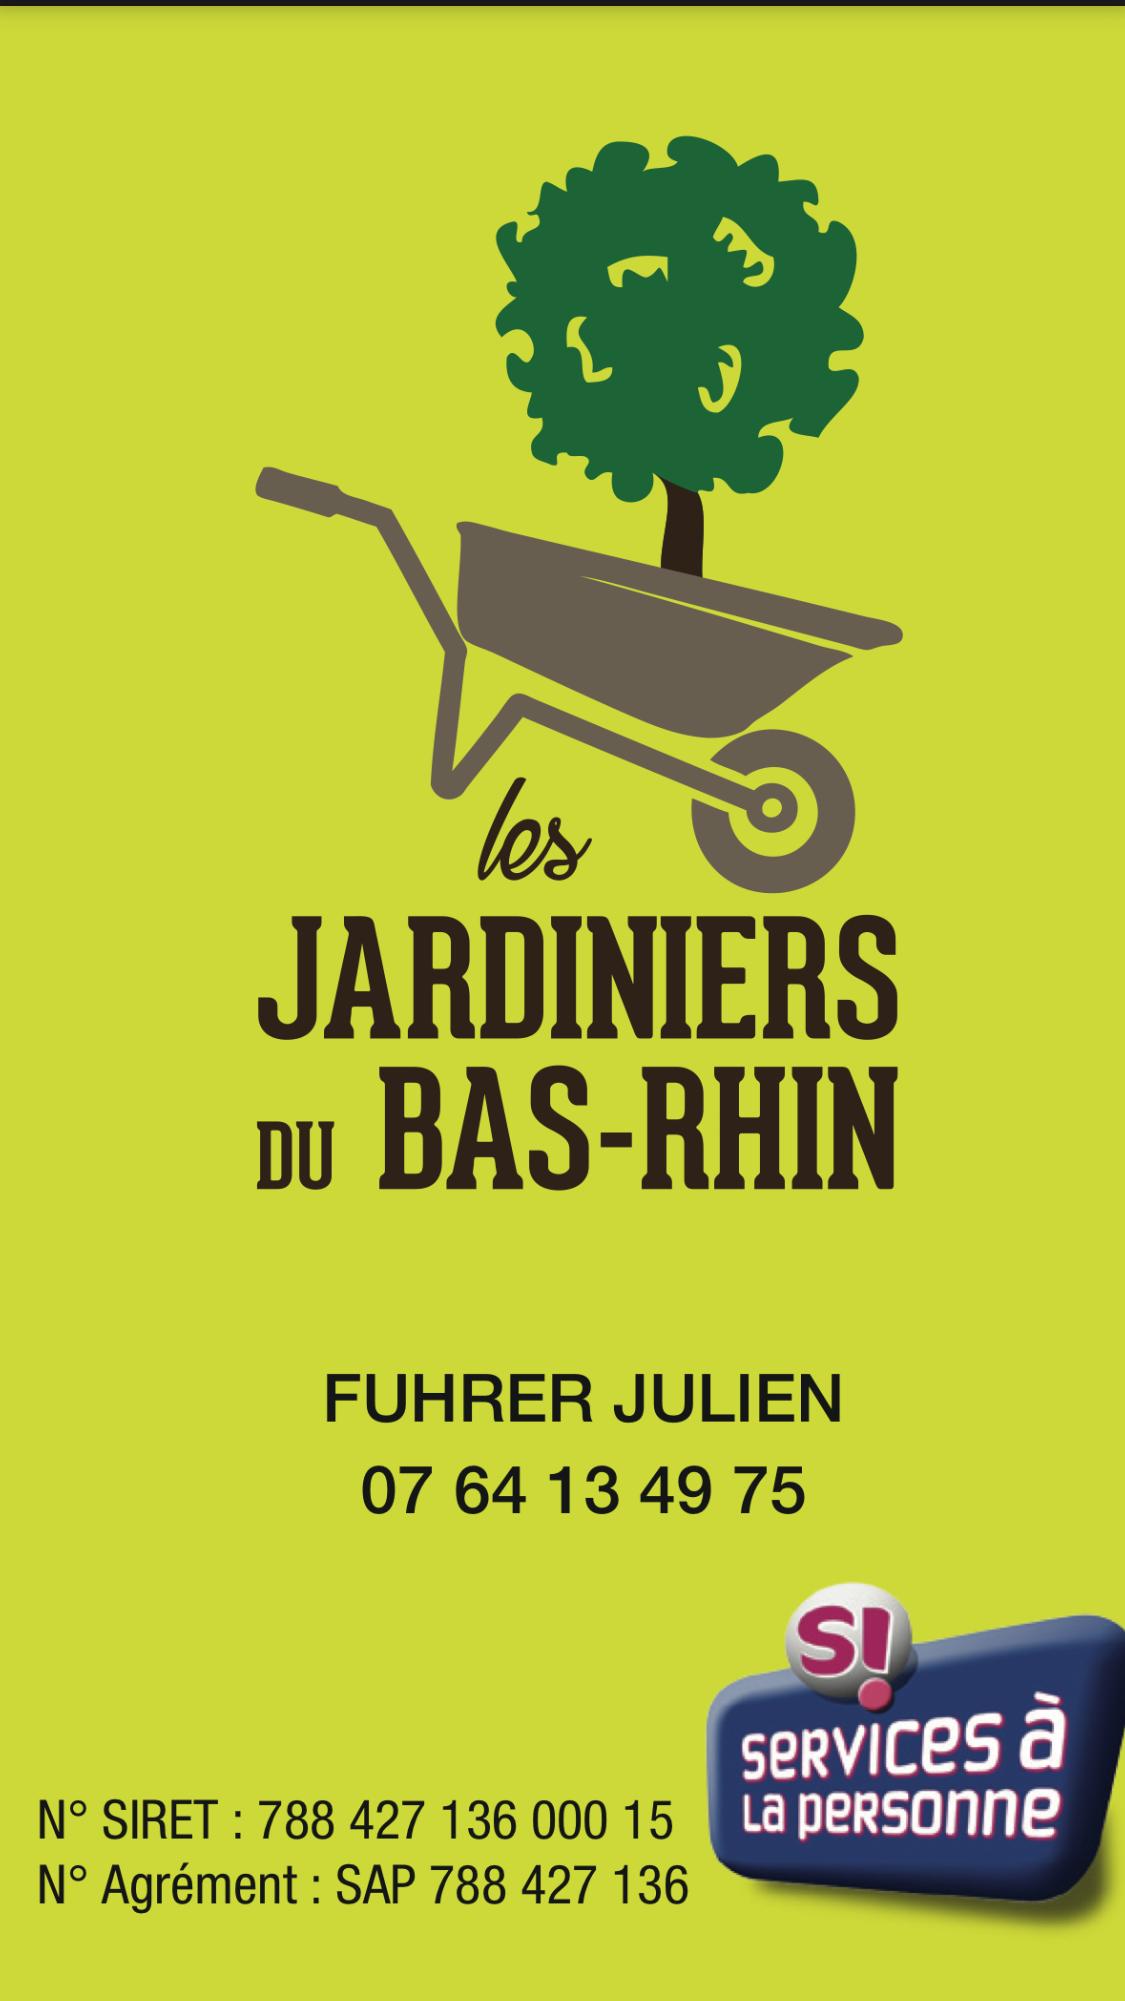 Logo de Les jardiniers du bas rhin, société de travaux en Dallage ou pavage de terrasses